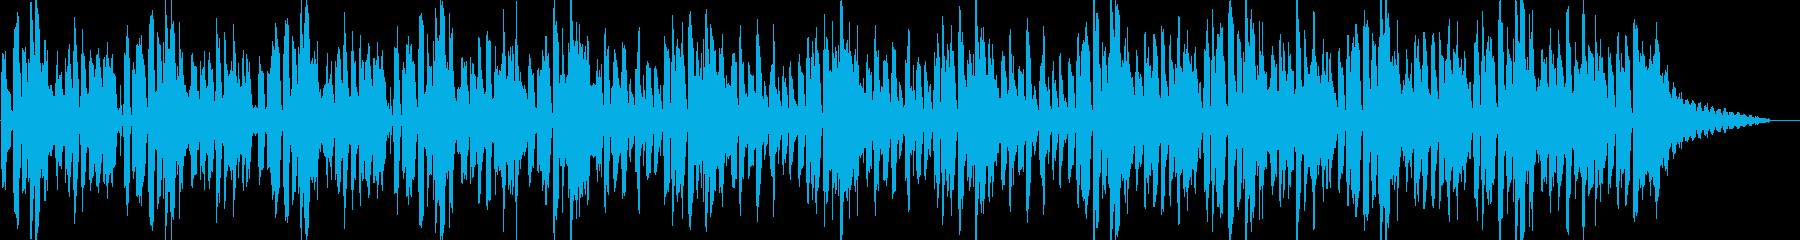 エレピとアコギの軽快なんの再生済みの波形